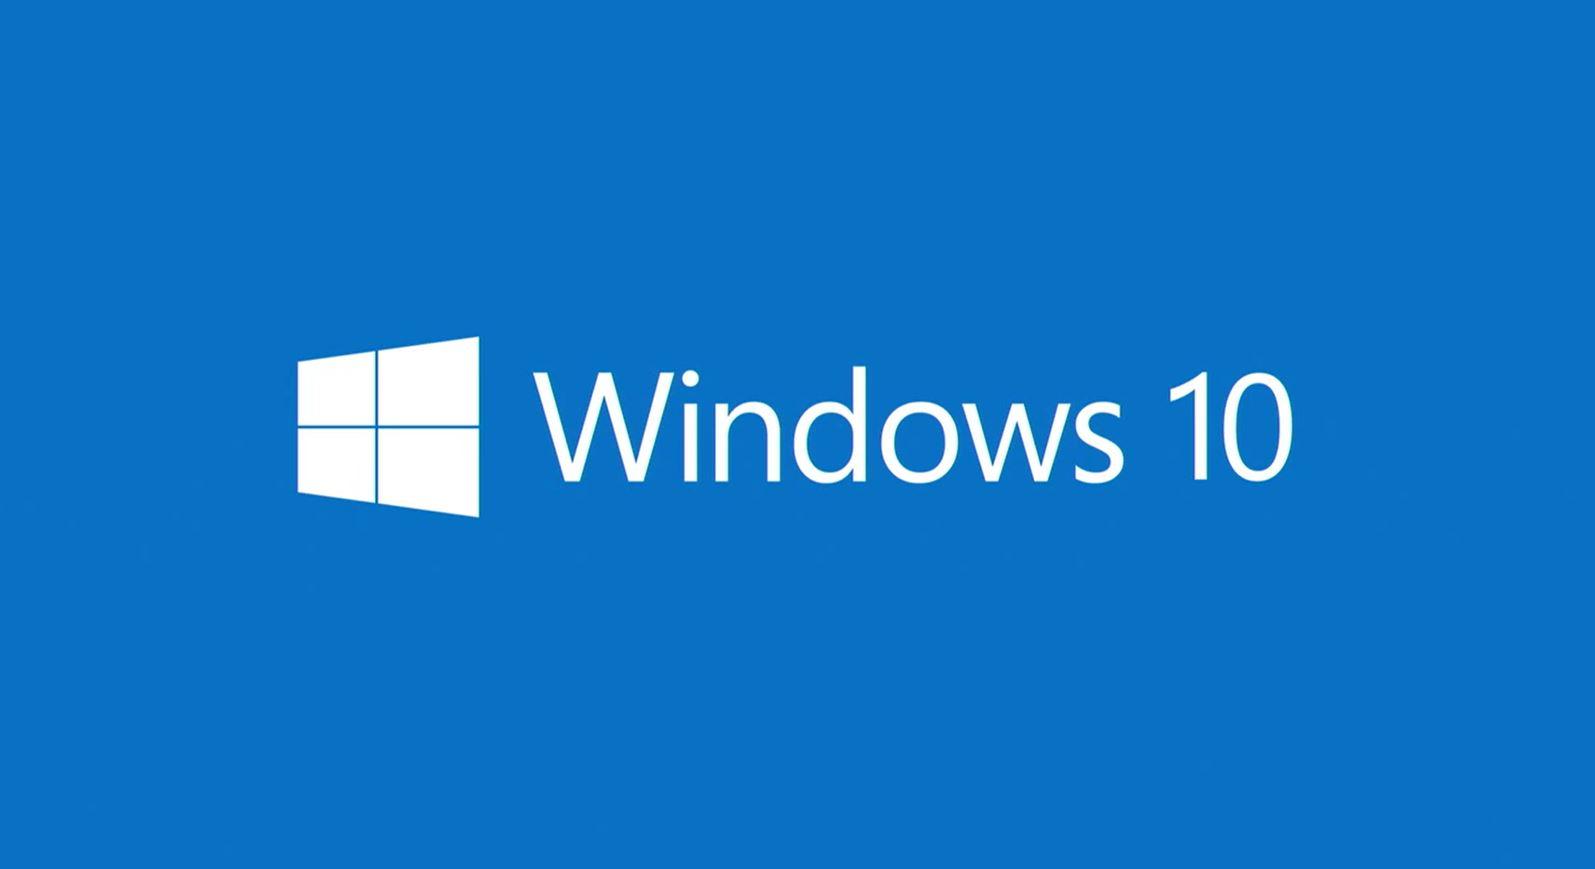 لیست جدید مایکروسافت؛چه گوشی هایی از ویندوز ۱۰ پشتیبانی می کنند؟